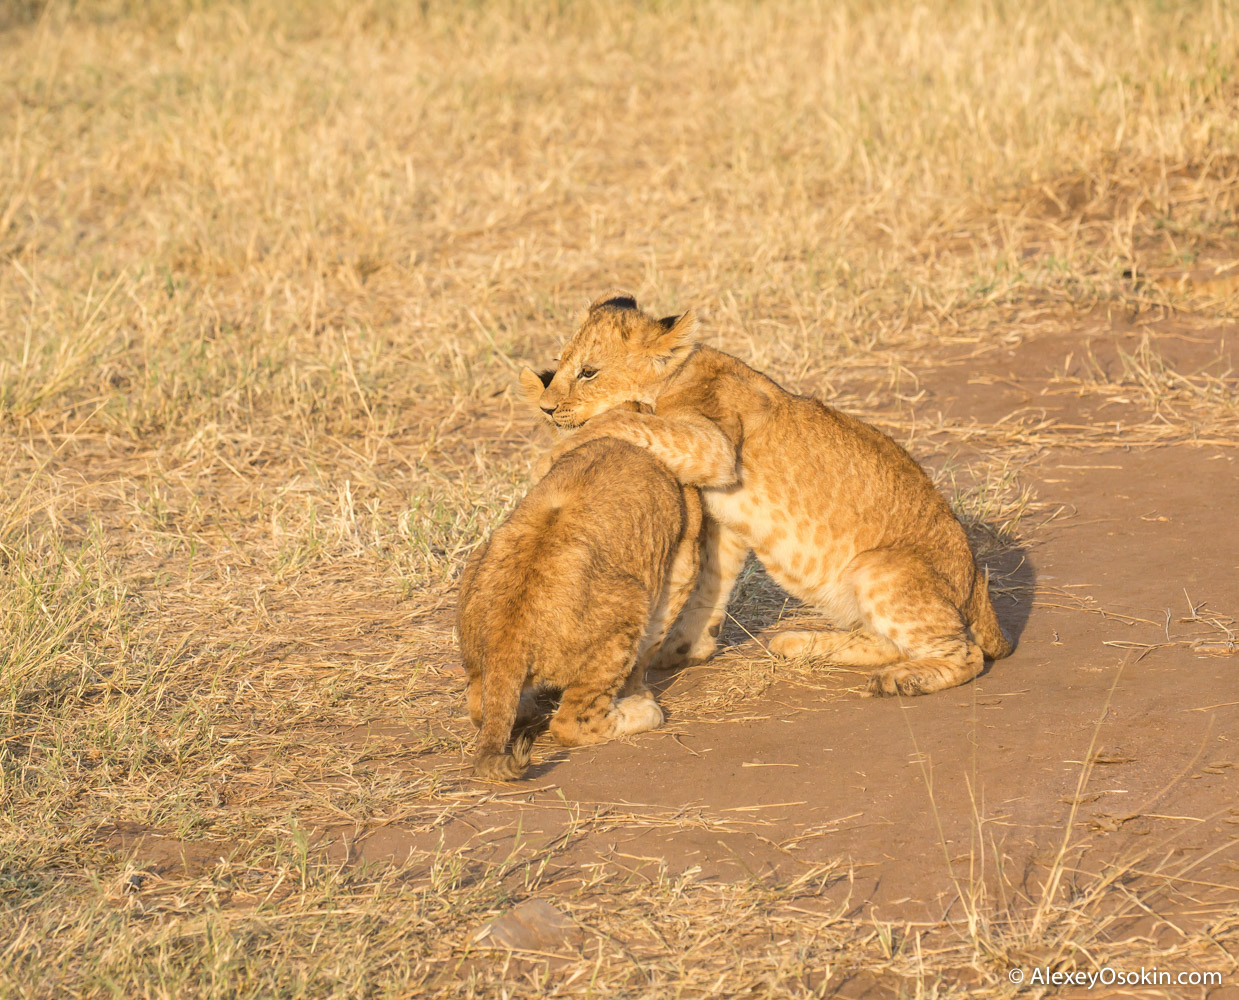 lion-cubs-03-2016-ao-6.jpg